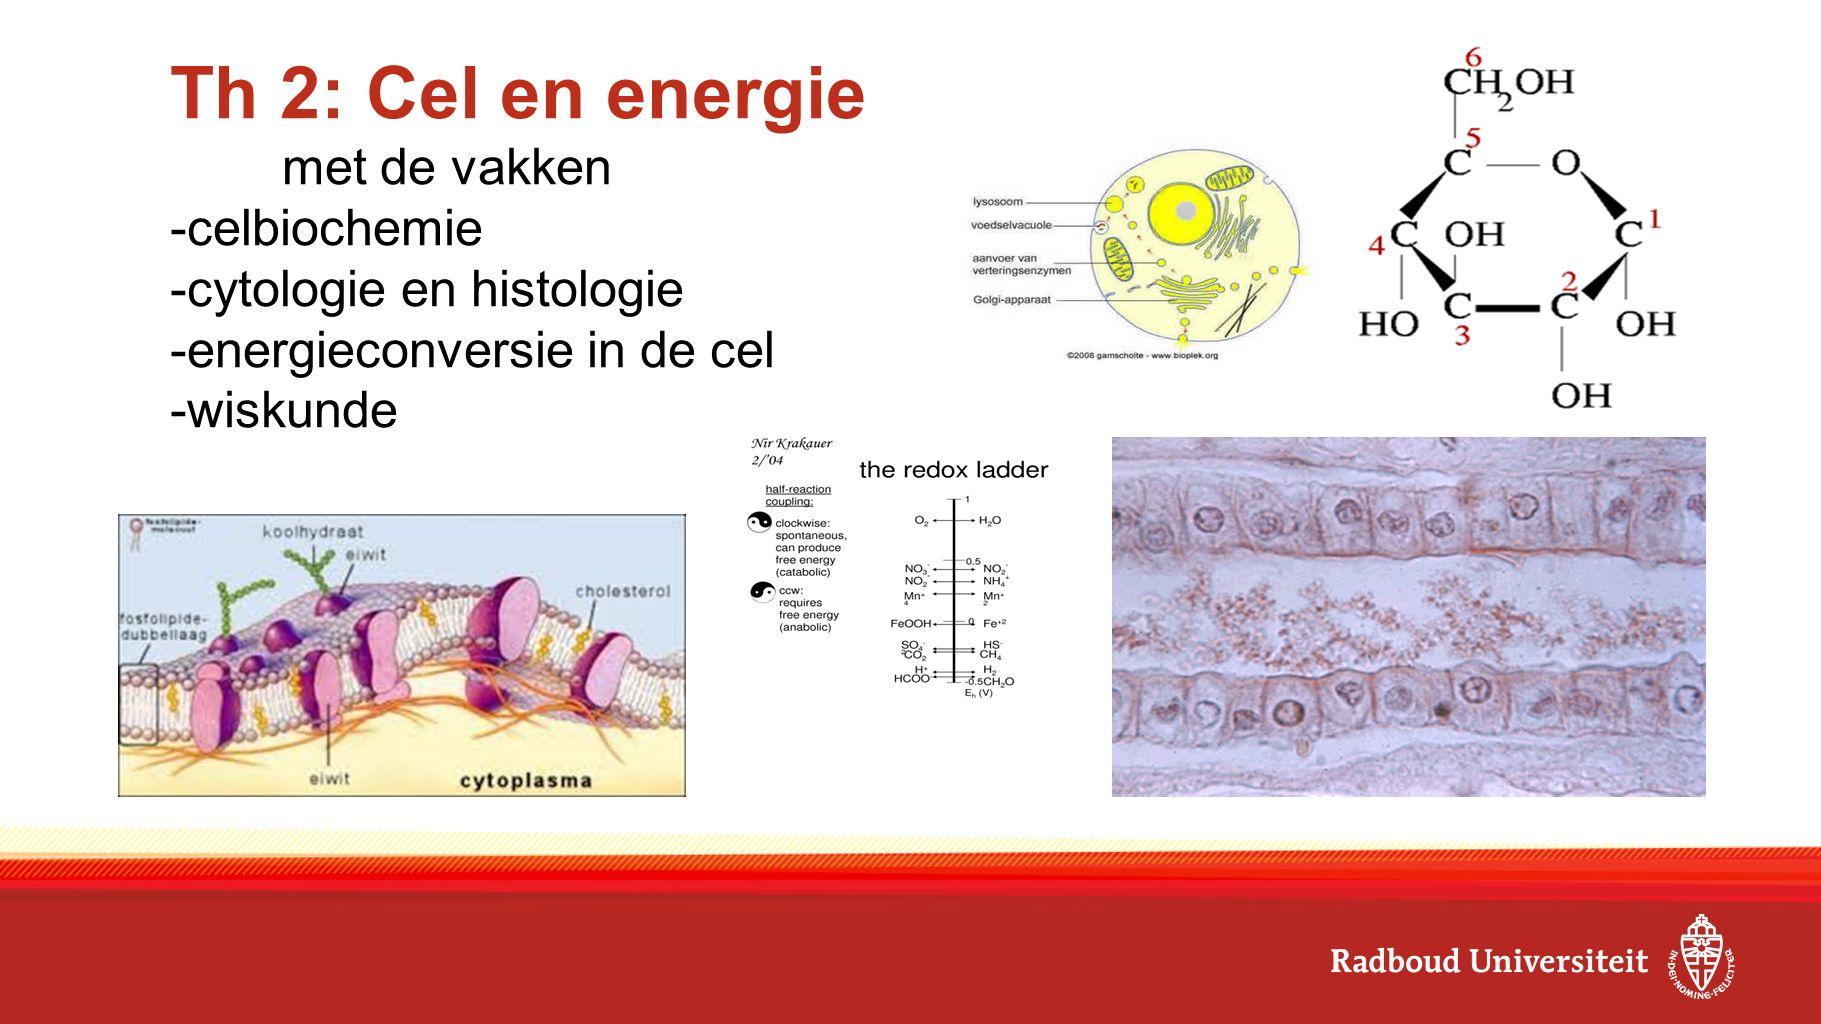 Th 2: Cel en energie met de vakken -celbiochemie -cytologie en histologie -energieconversie in de cel -wiskunde